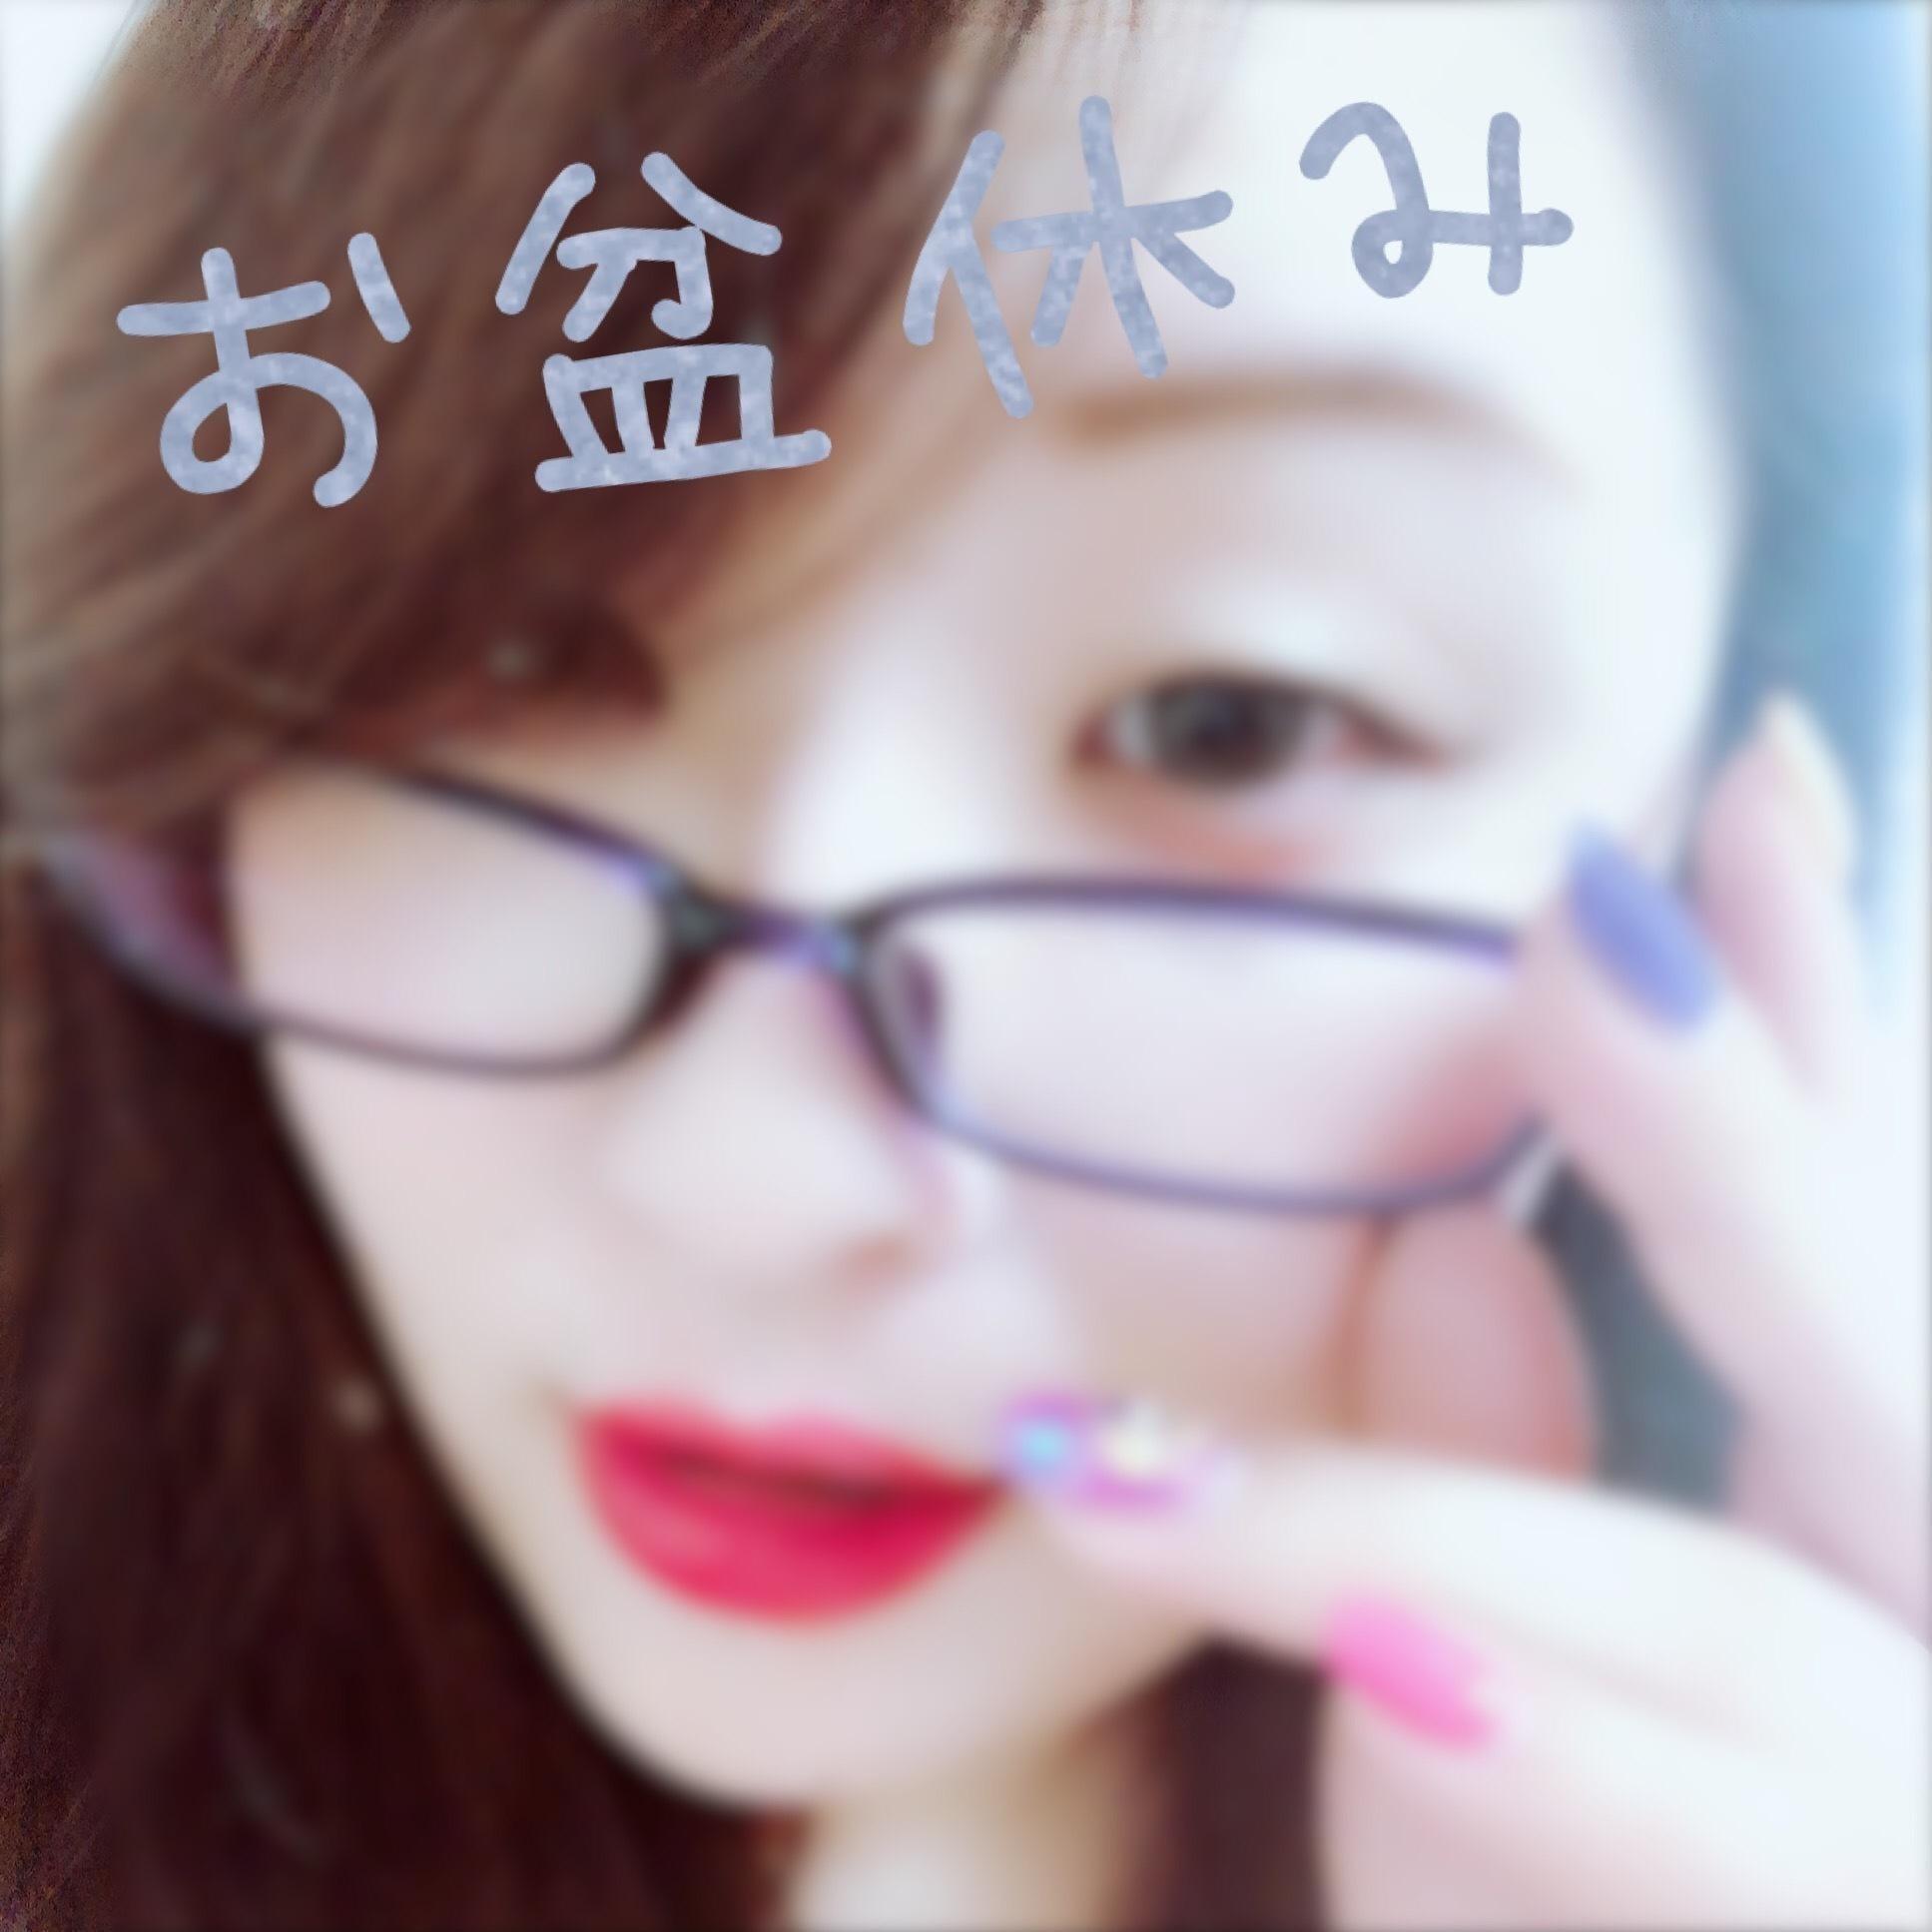 まみ「ぷら日記?お盆も終わり?」08/17(金) 04:34 | まみの写メ・風俗動画